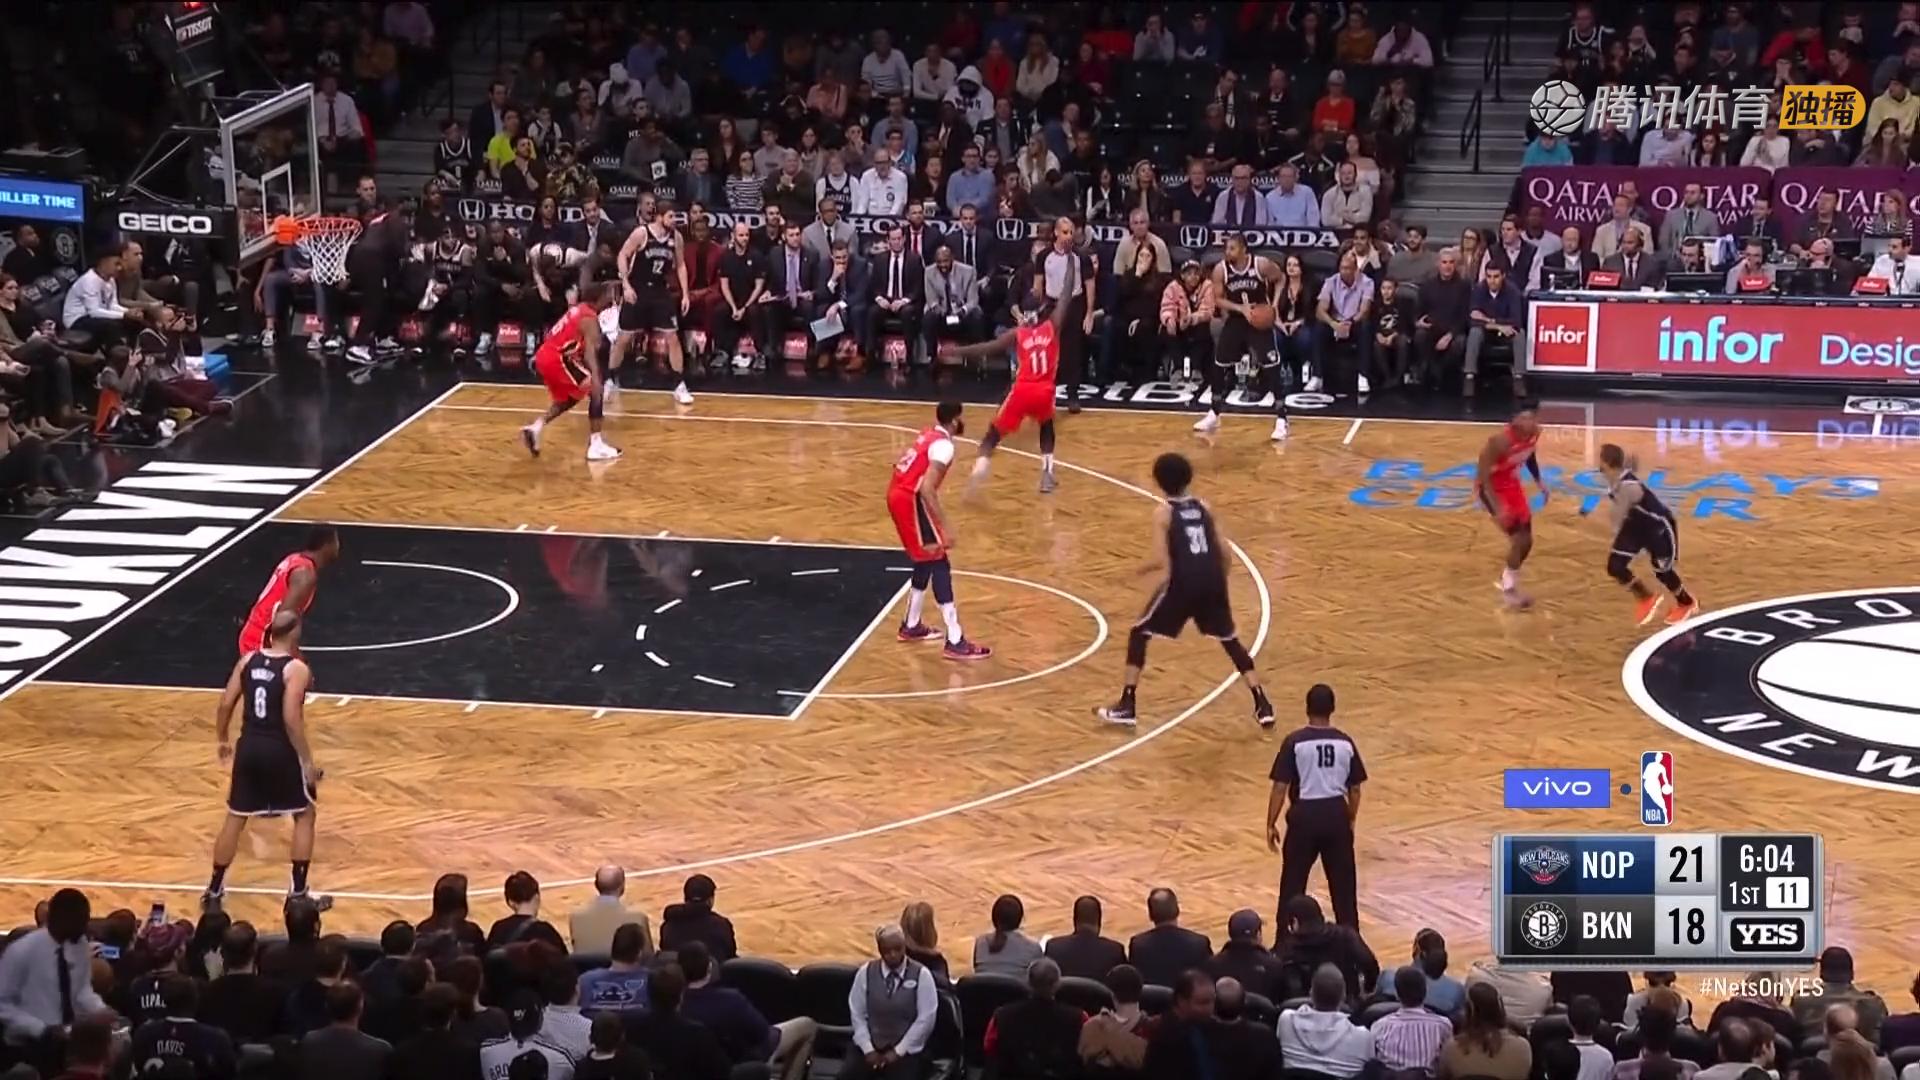 2019年1月3日 NBA常规赛 鹈鹕VS篮网 全场高清录像回放-麦豆网